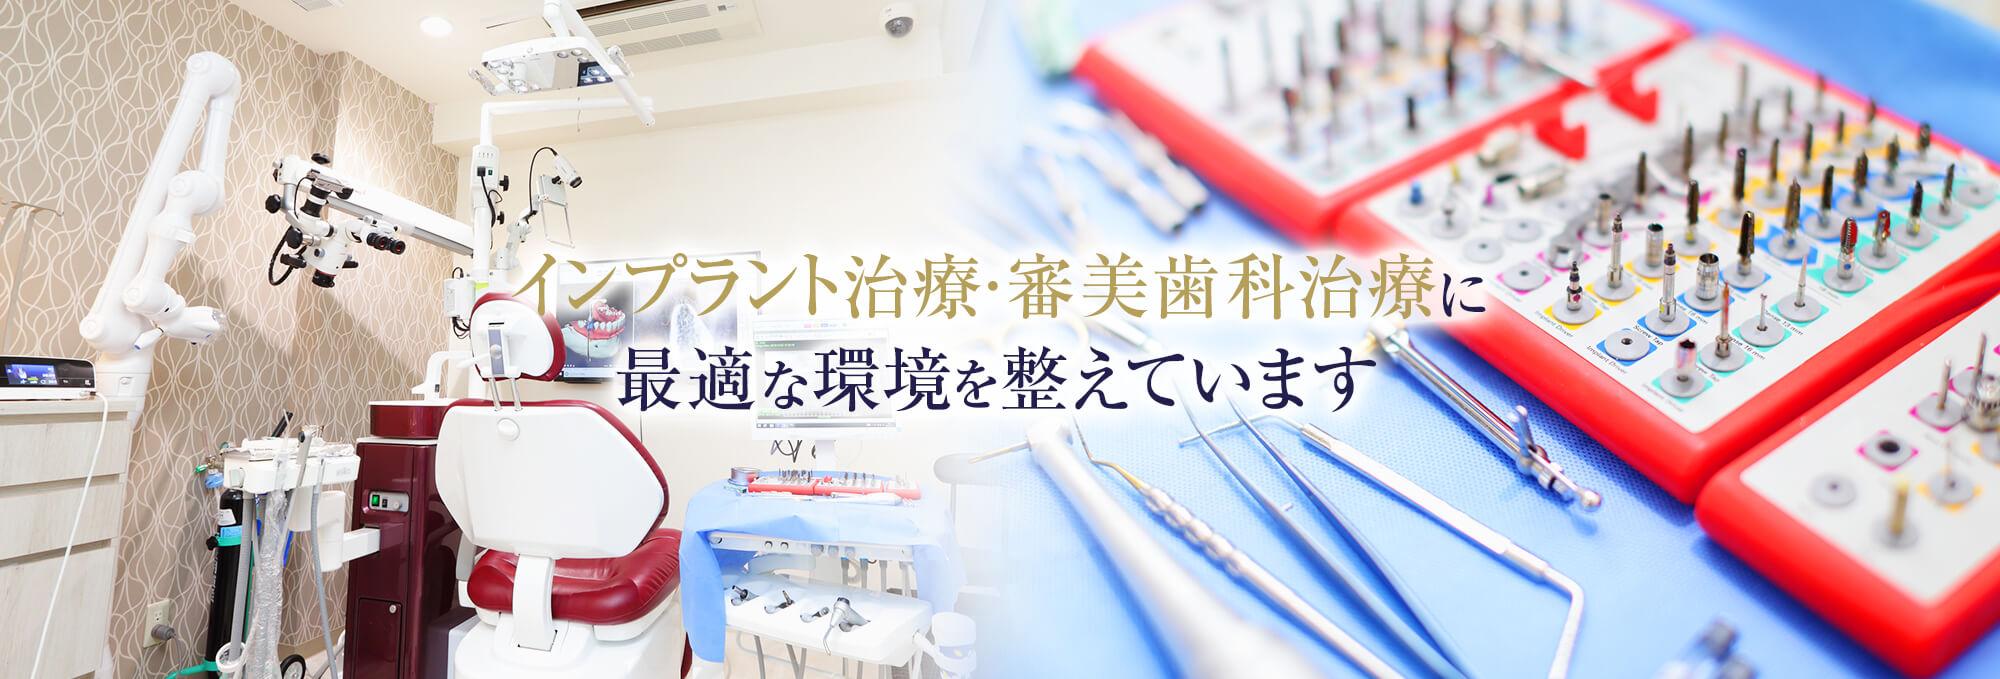 インプラント治療・審美歯科治療に最適な環境を整えています